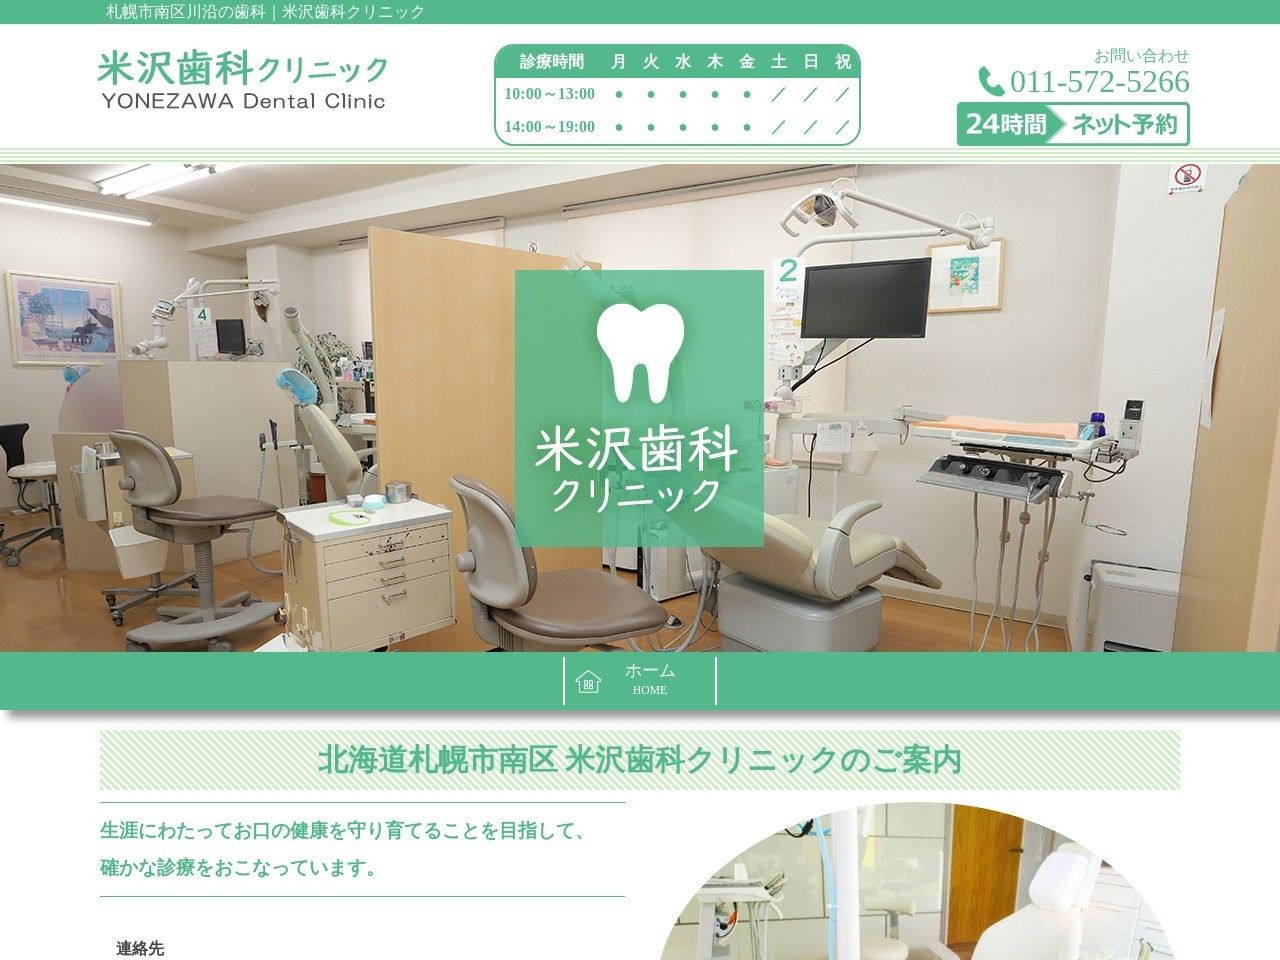 米沢歯科クリニック (北海道札幌市南区)